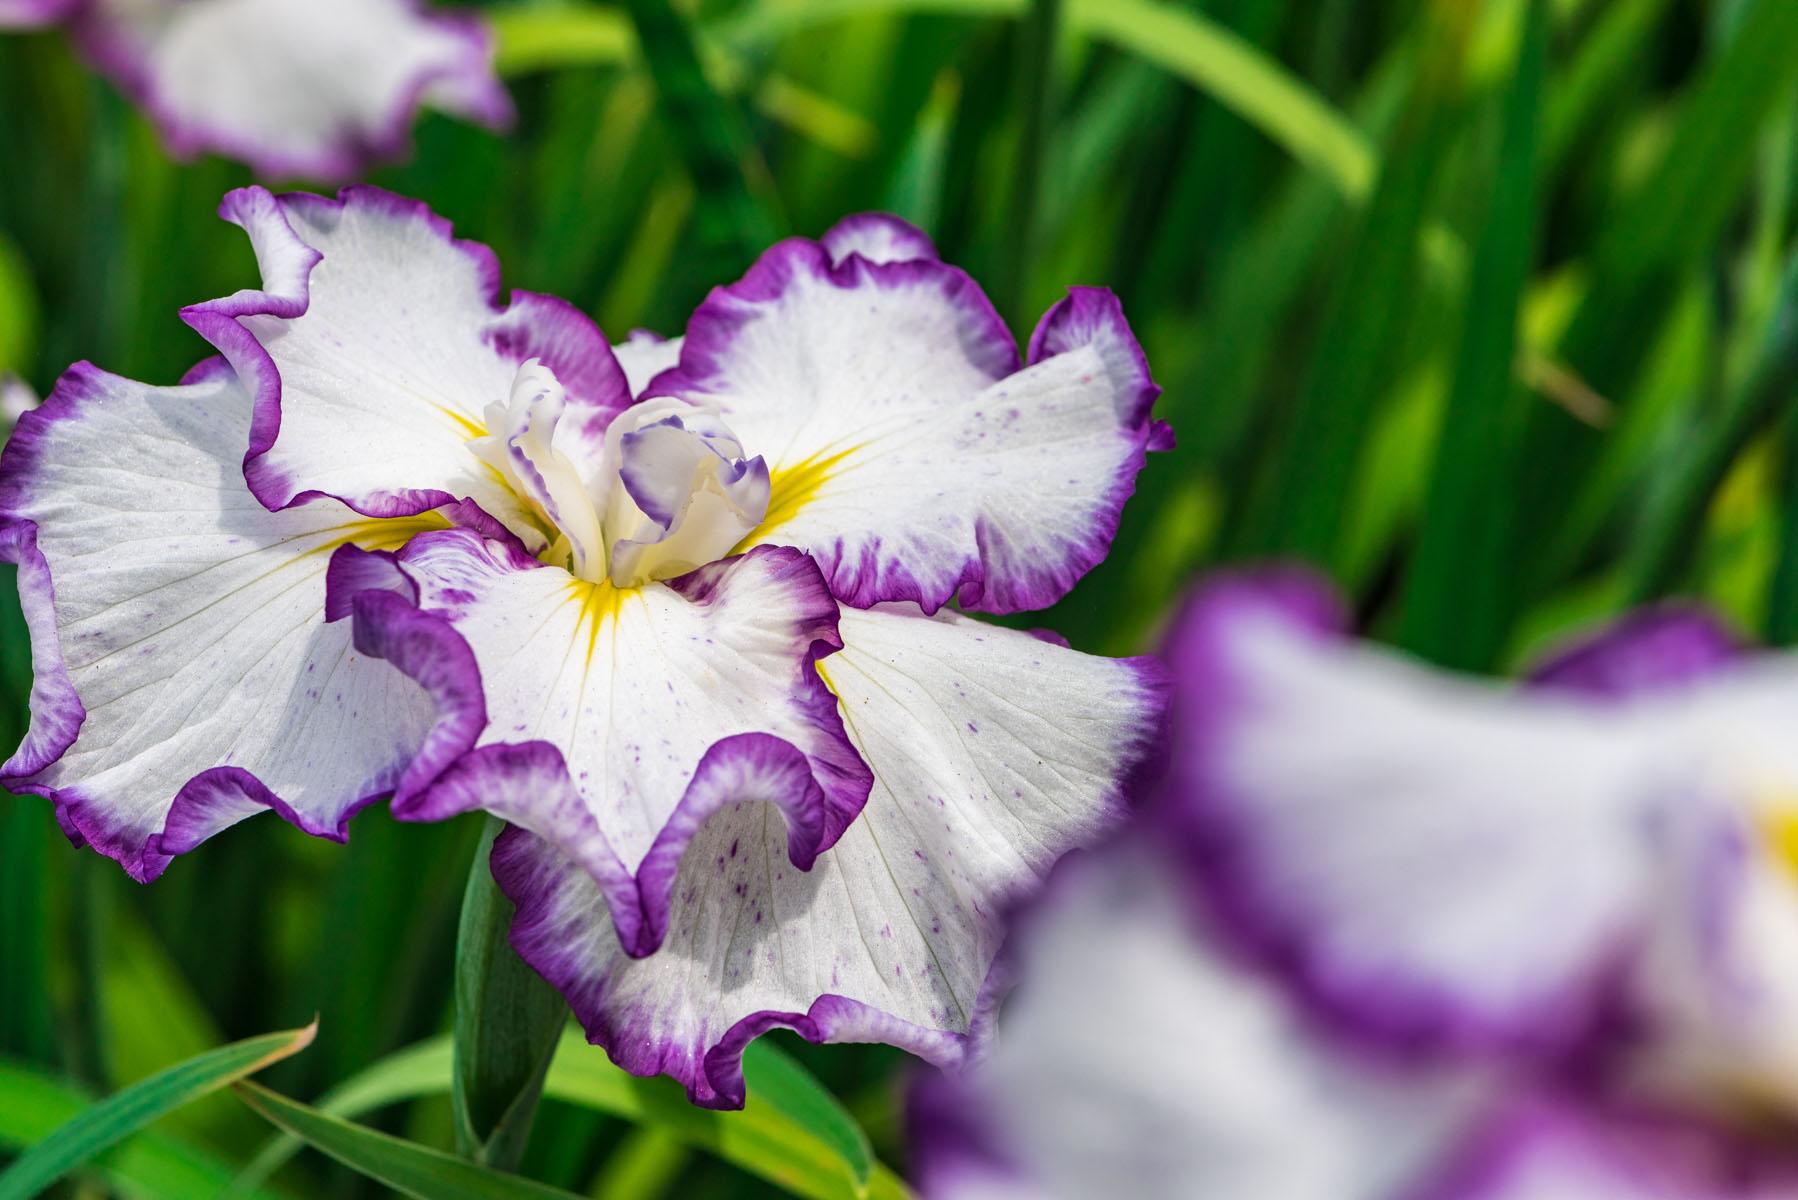 染谷の花しょうぶ(花菖蒲)